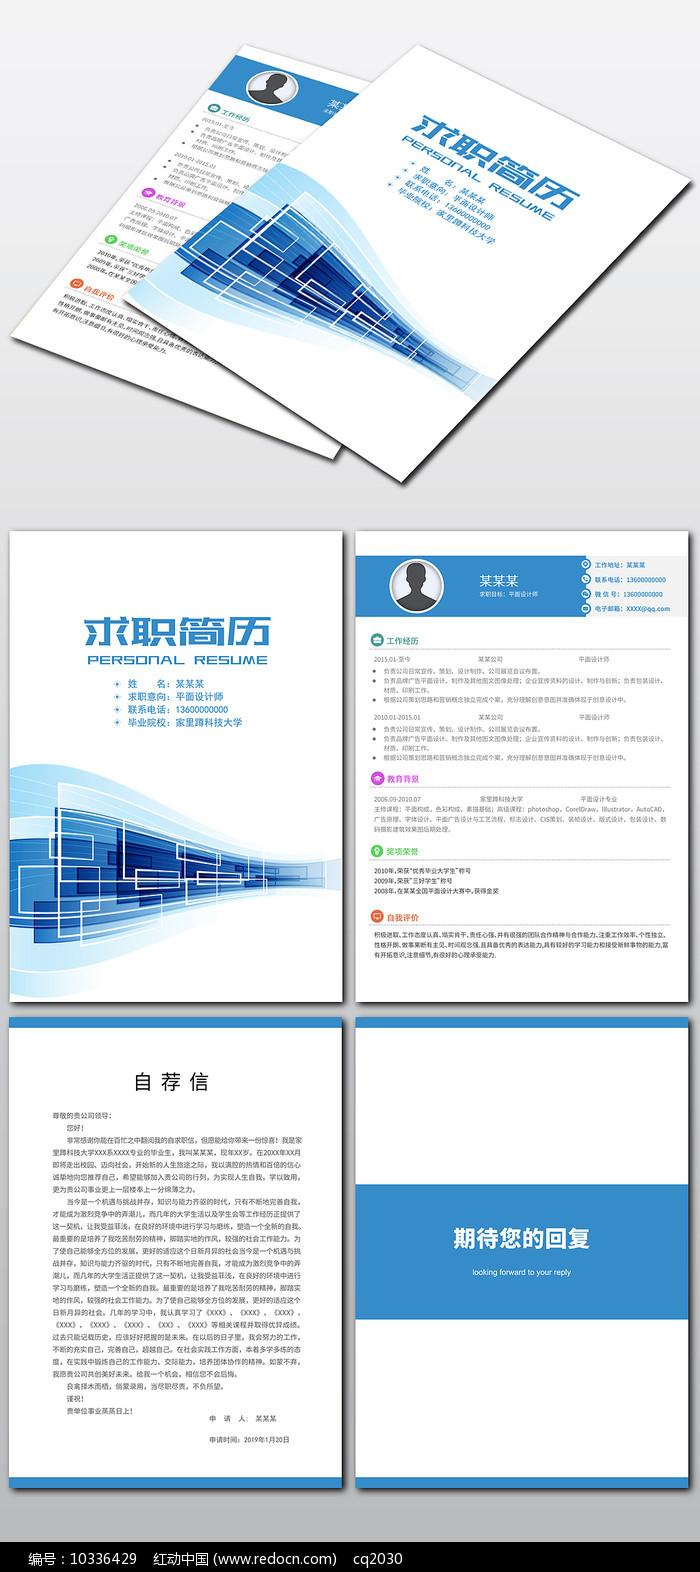 蓝色科技数码IT行业个人求职简历封面设计图片